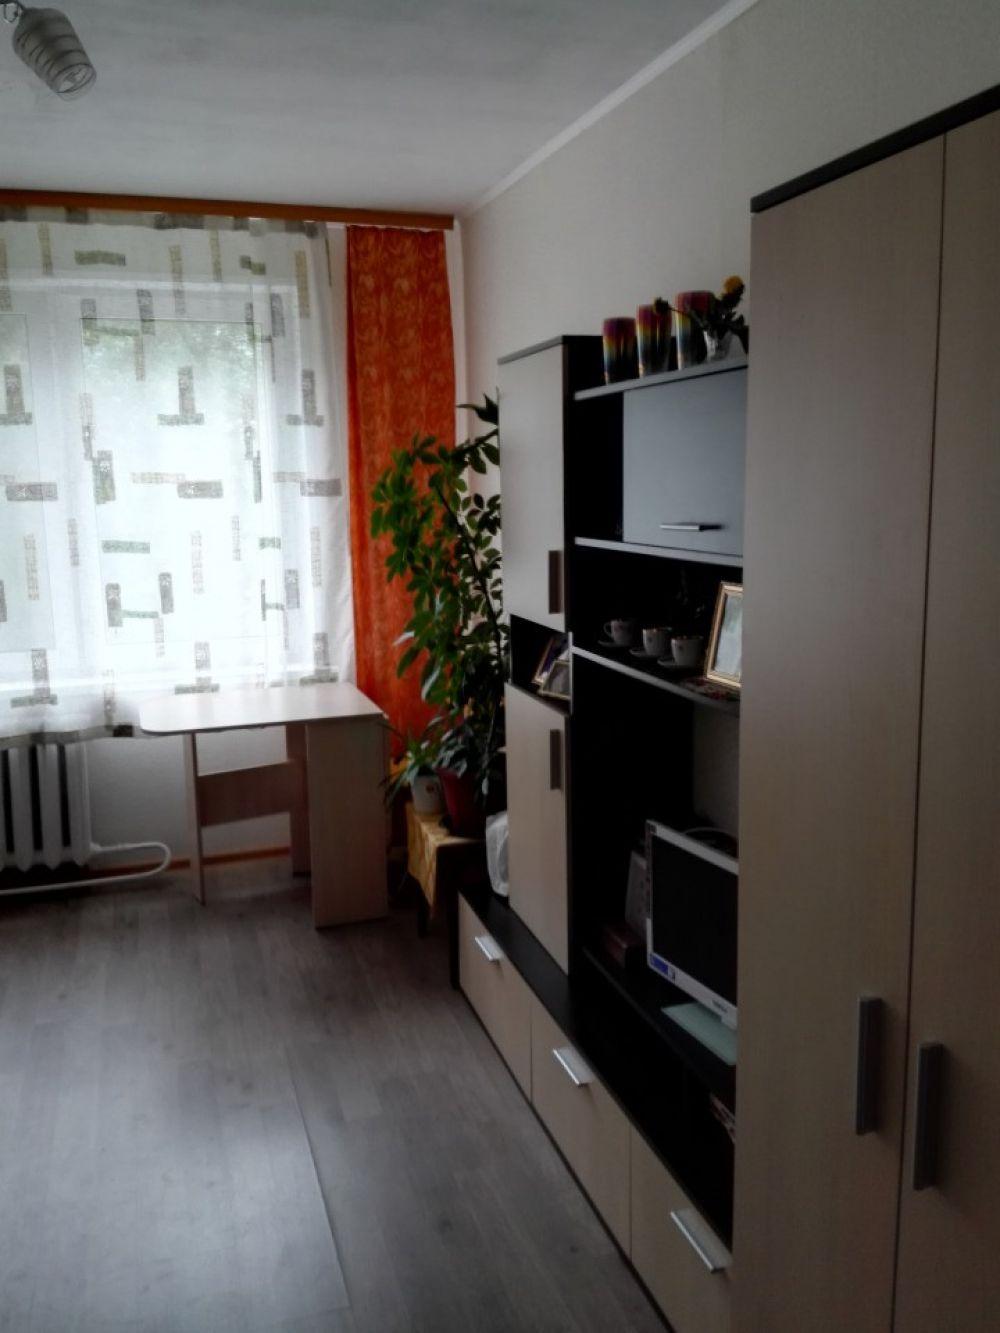 1-к квартира, Щелково, улица Неделина, 15, фото 3